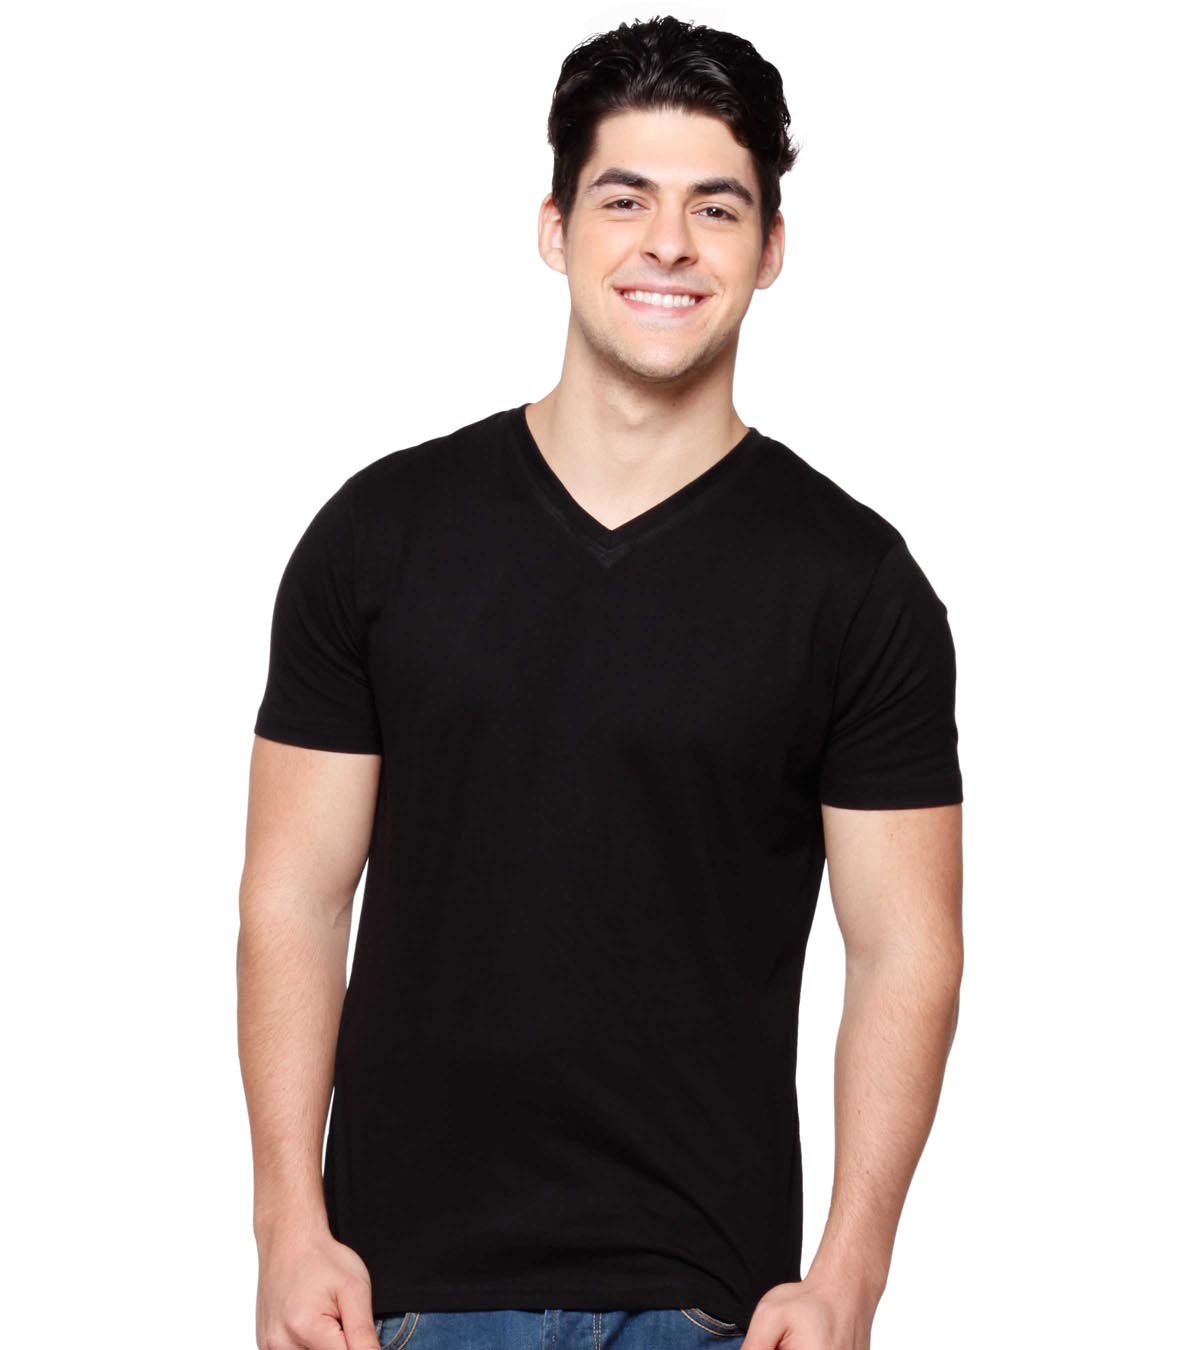 Buy Black Plain V Neck T shirt for Men Online @ Bewakoof.com